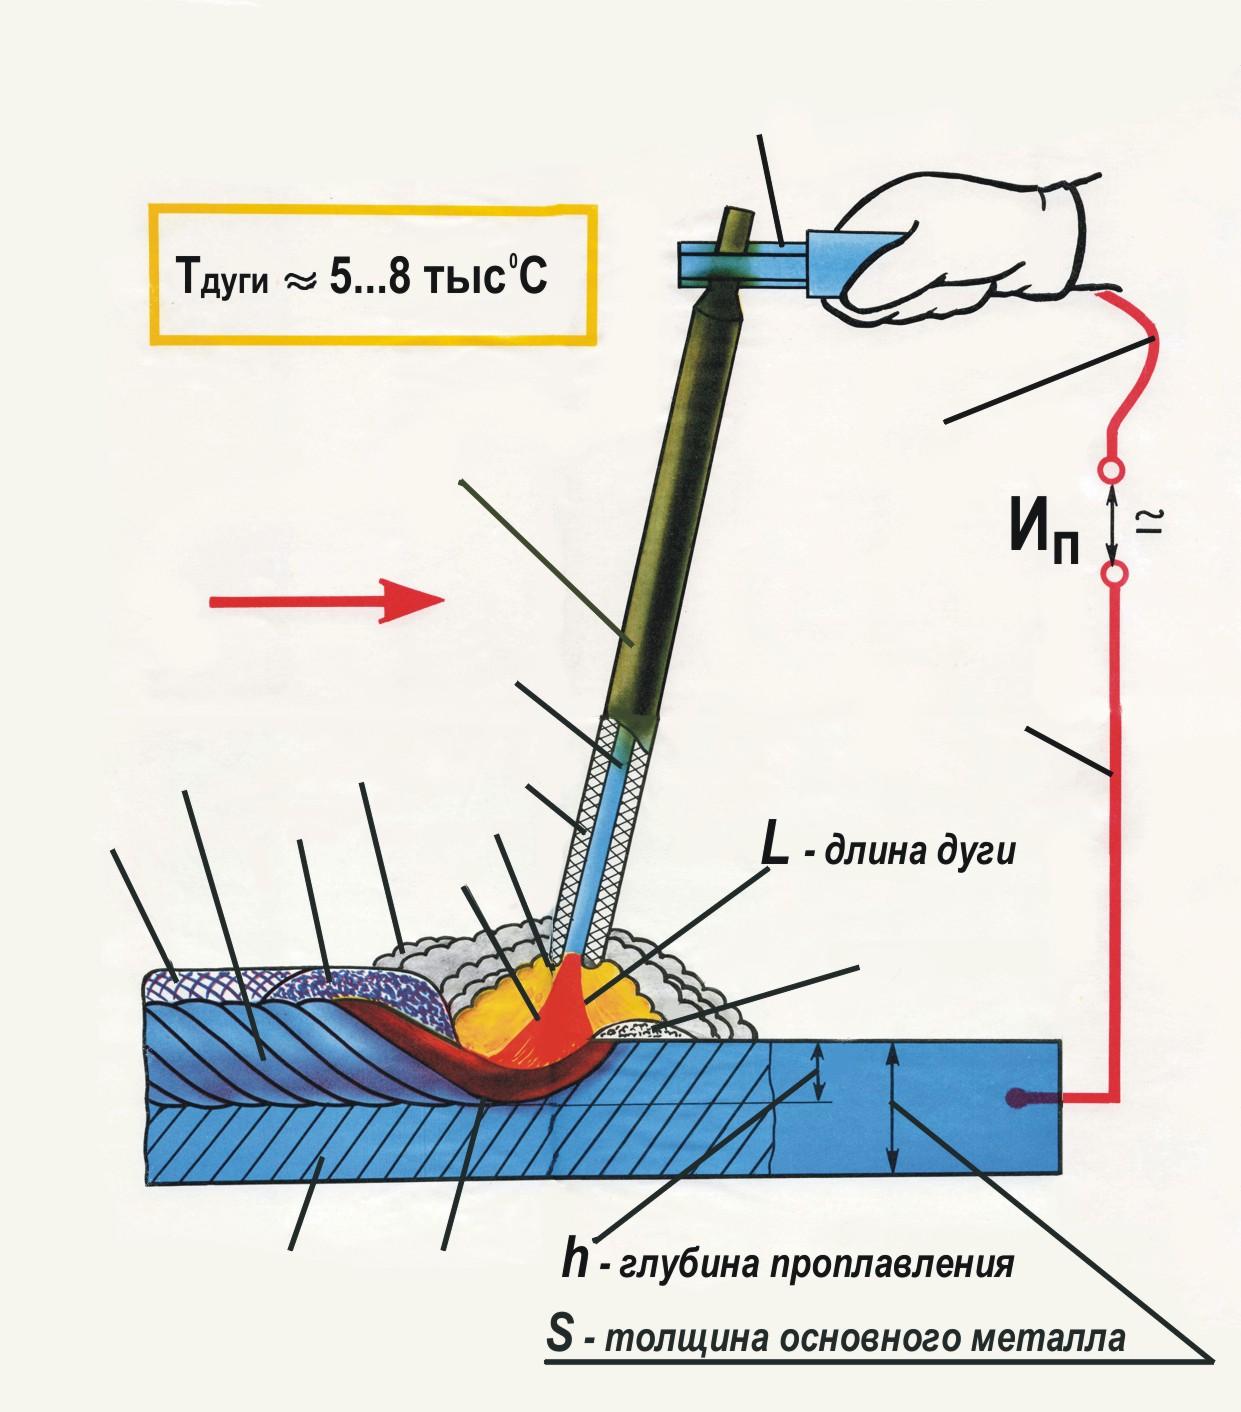 Сварка плавлением: технология, способы, виды, оборудование